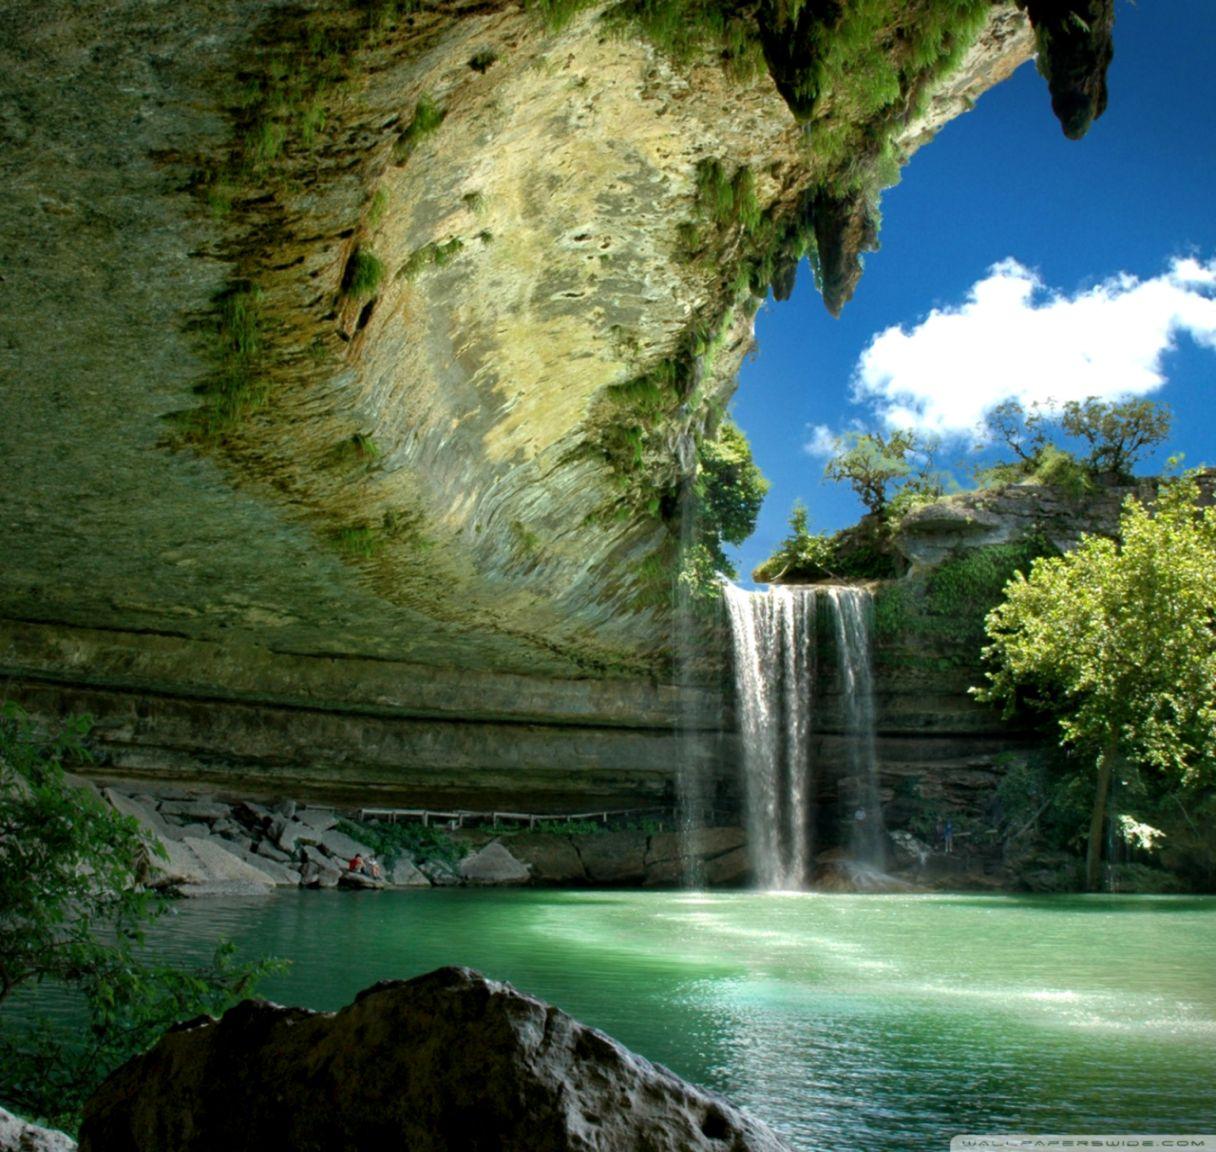 4k Wallpaper Waterfall Wallpaper 4k Hd